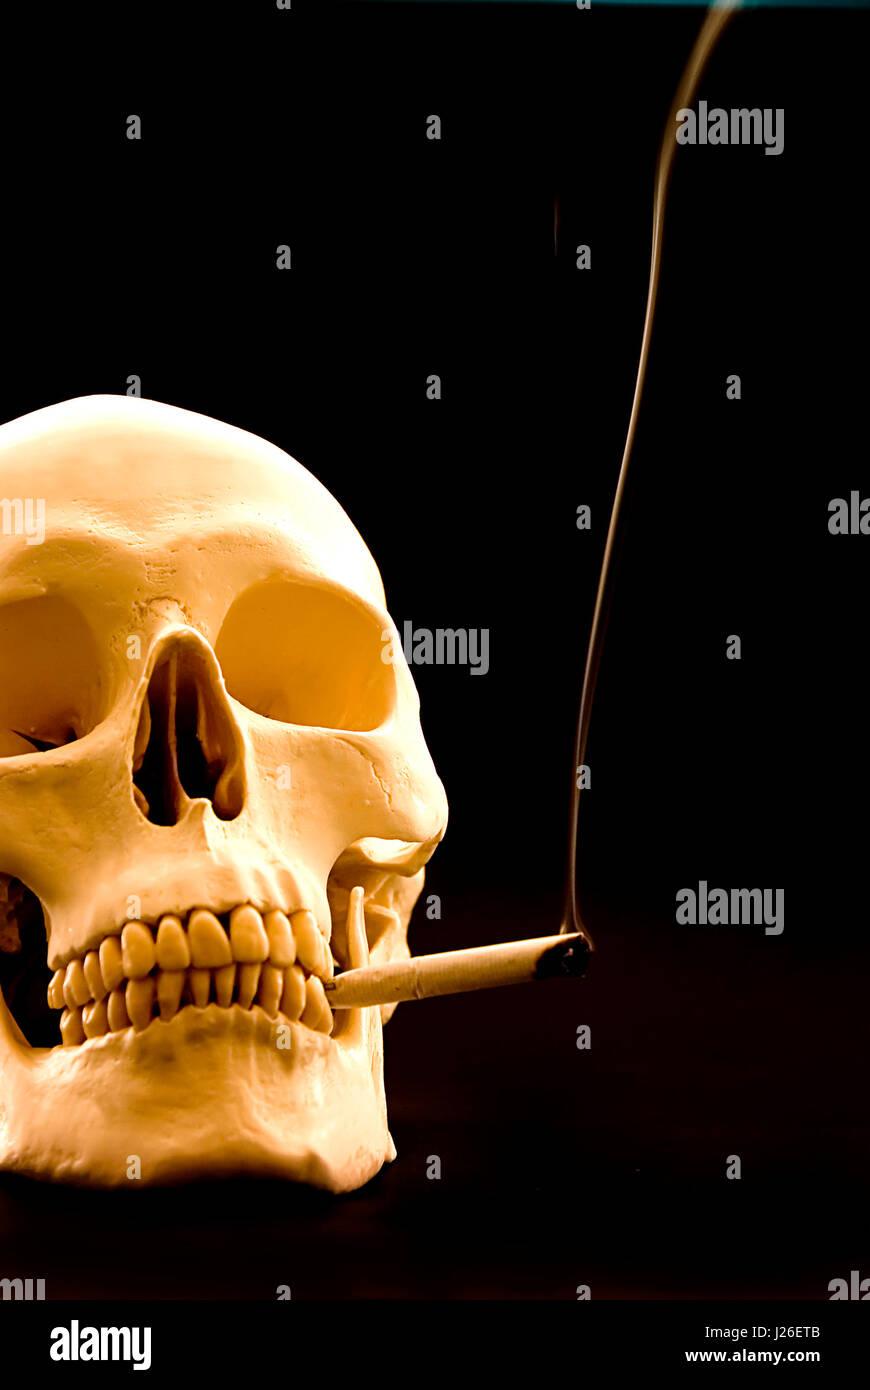 menschlicher Schädel mit einer Rauchen Zigarette in den Mund Stockbild